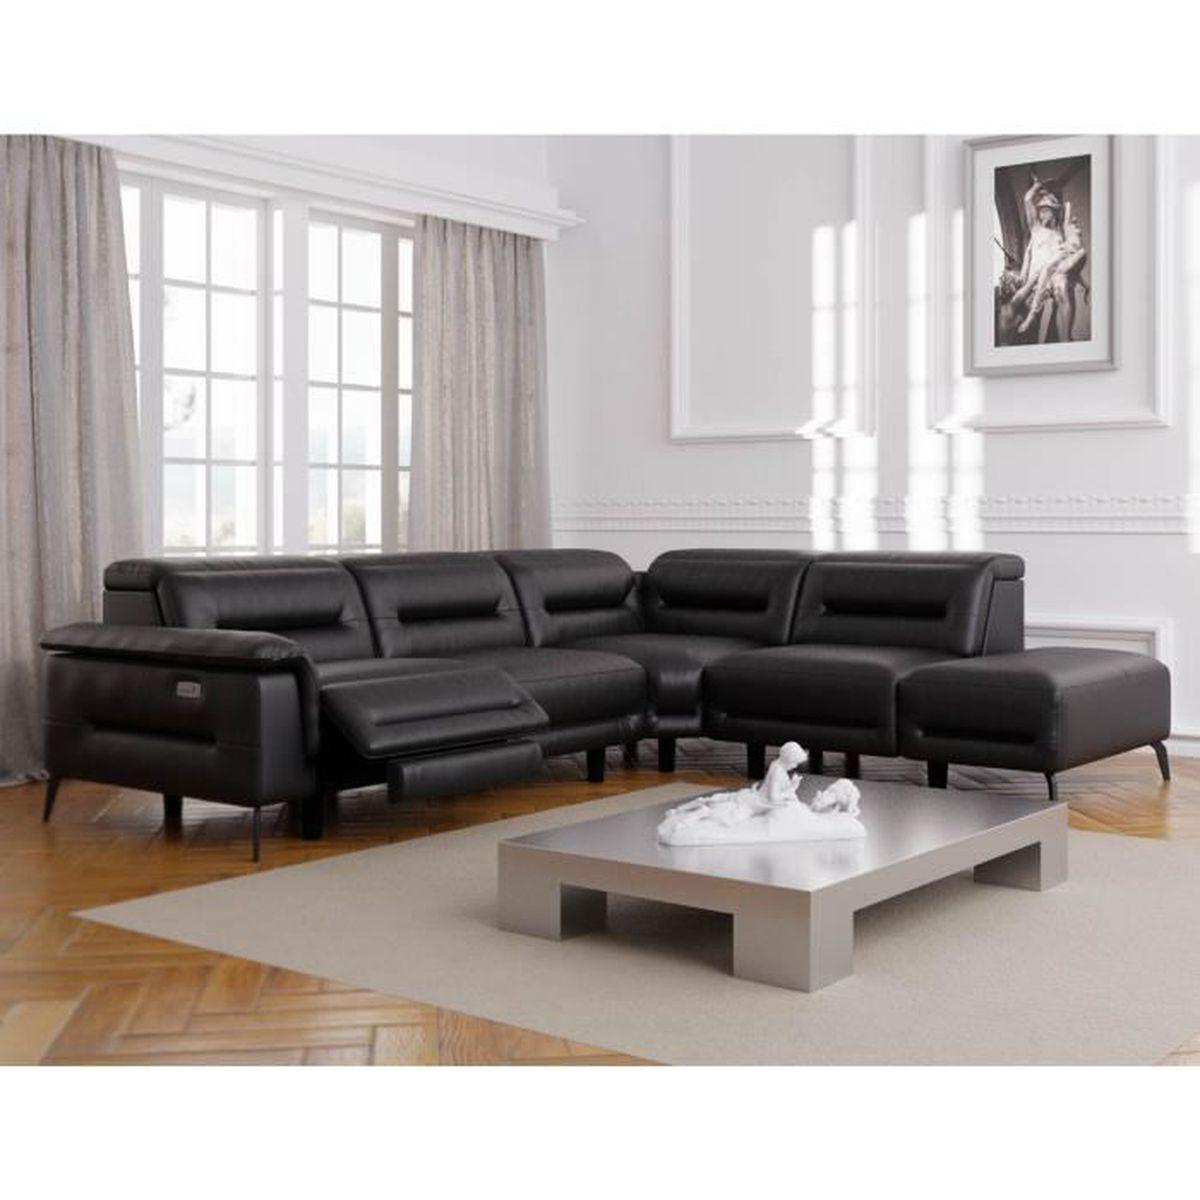 CANAPÉ - SOFA - DIVAN Canapé d'angle relax électrique design en simili c